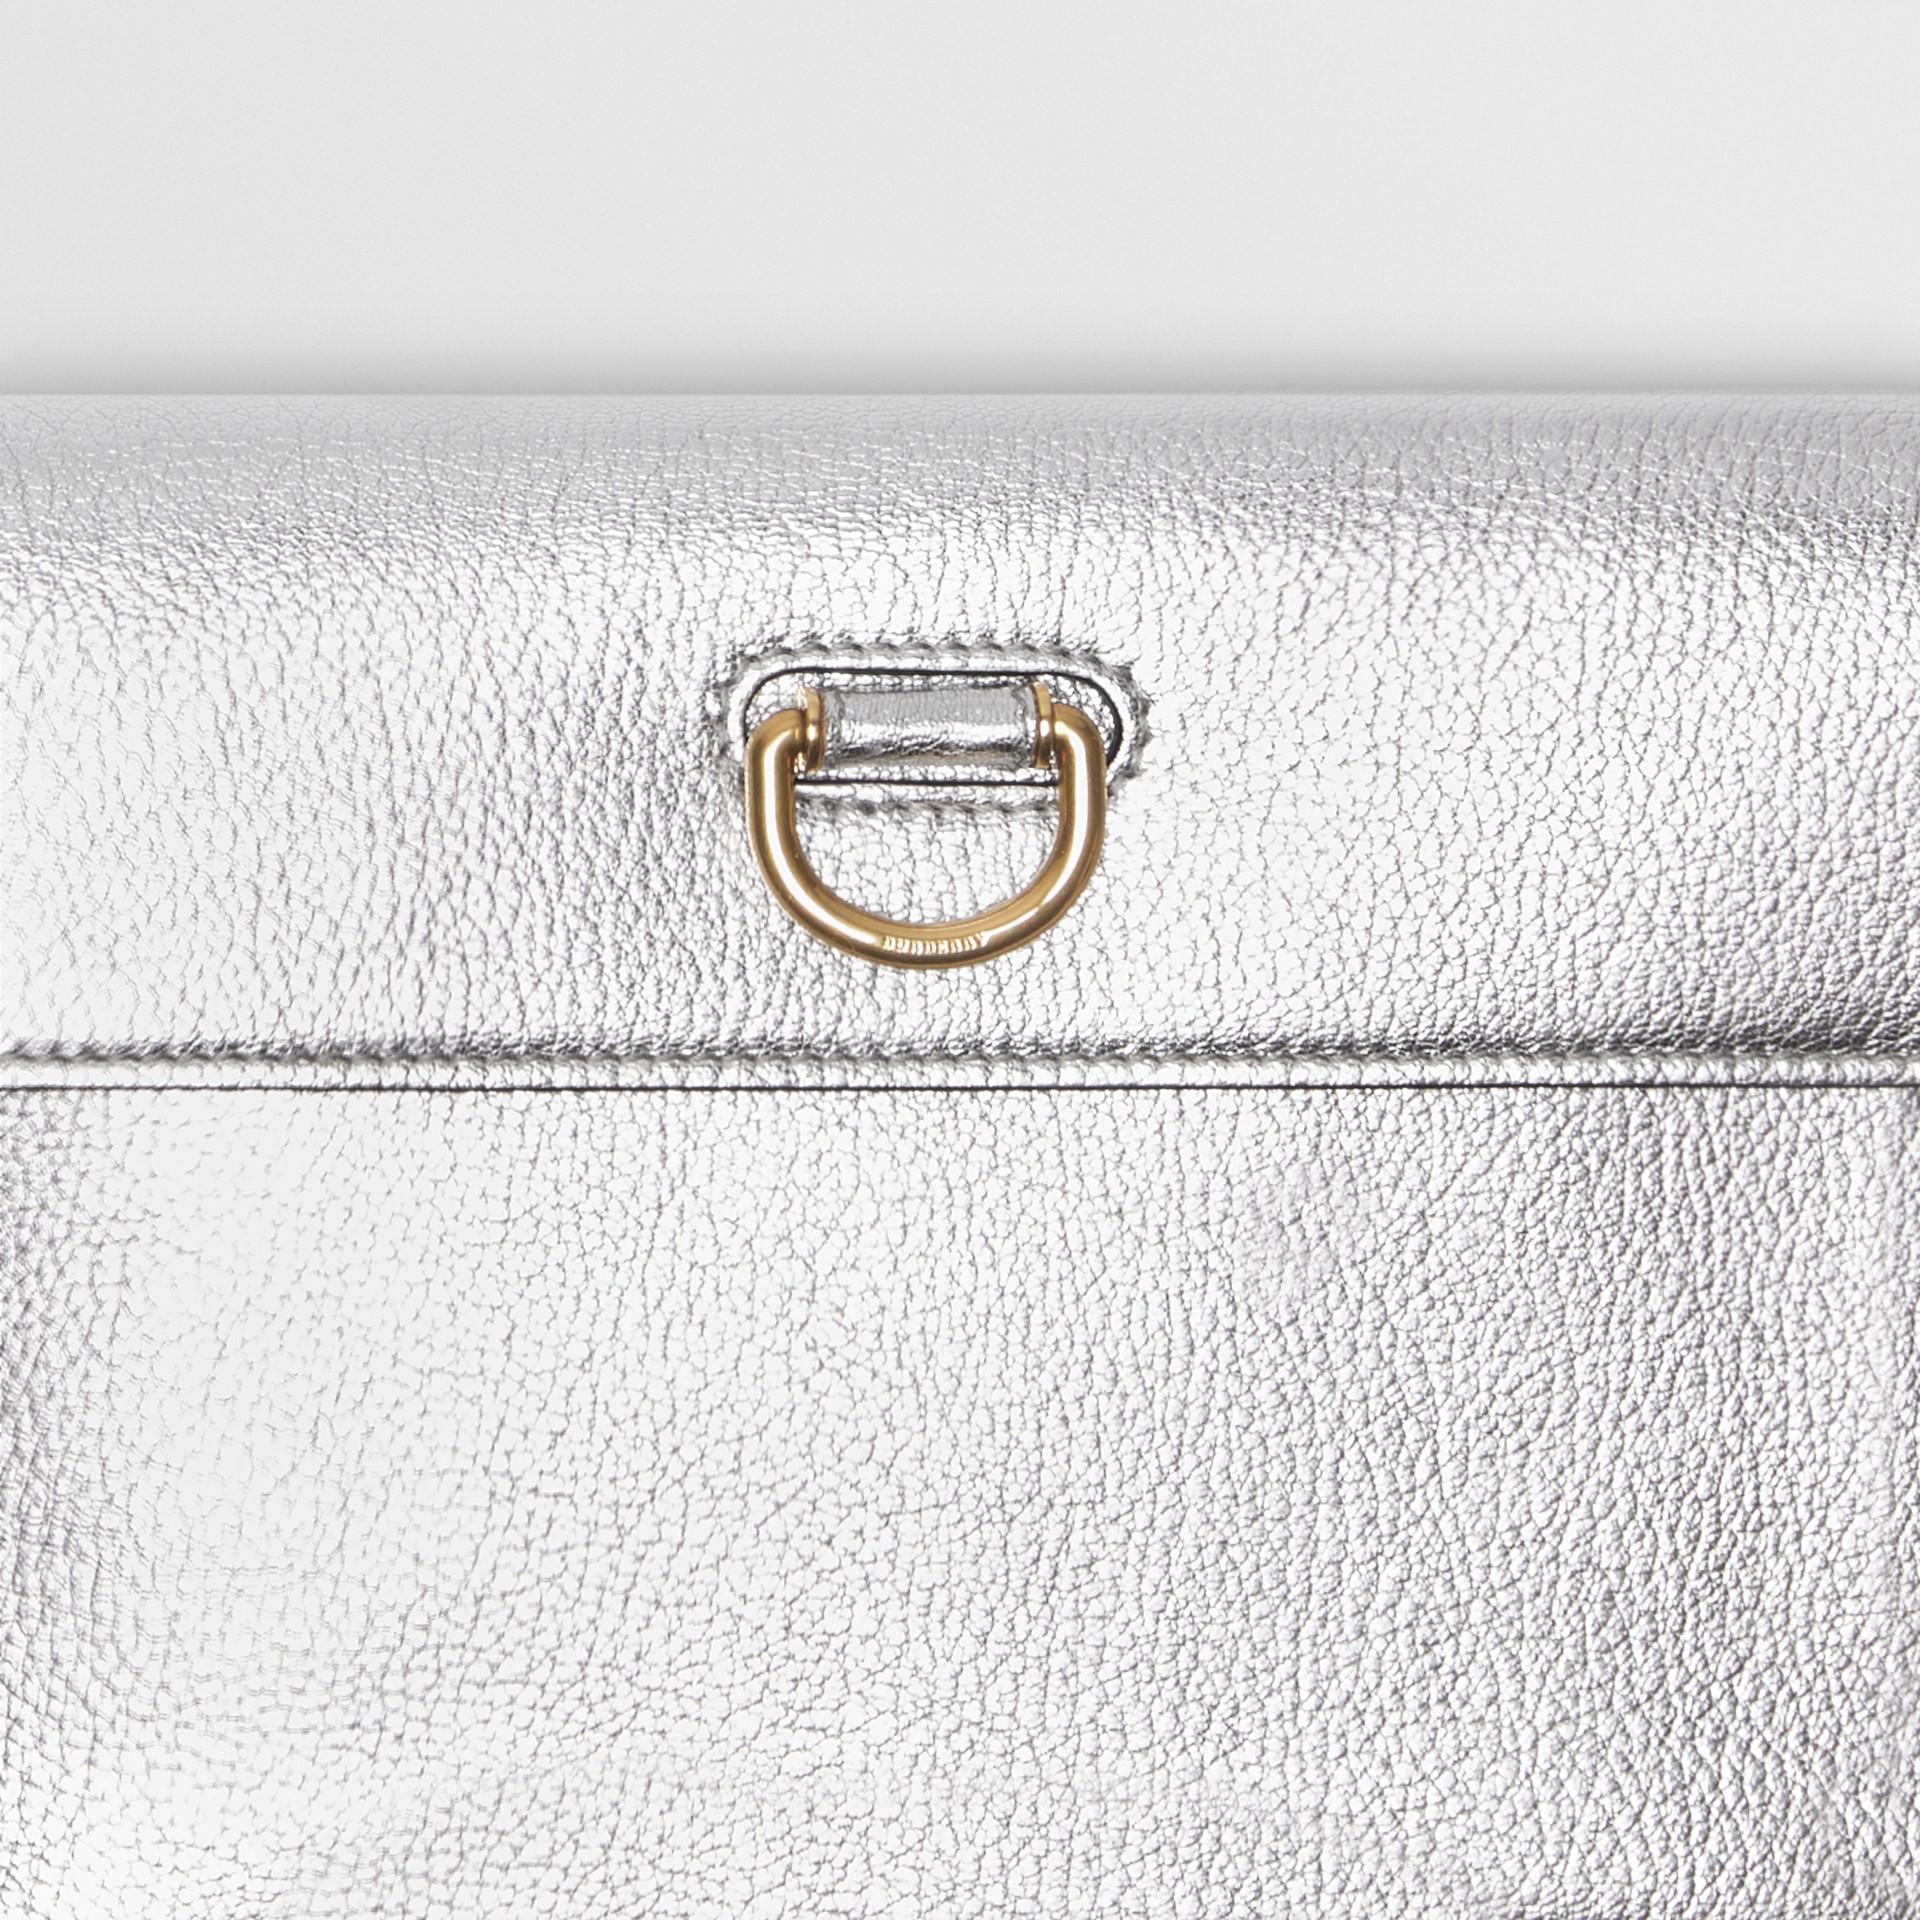 Trousse con portamonete in pelle metallizzata con cerniera e anello a D (Argento) - Donna | Burberry - immagine della galleria 1